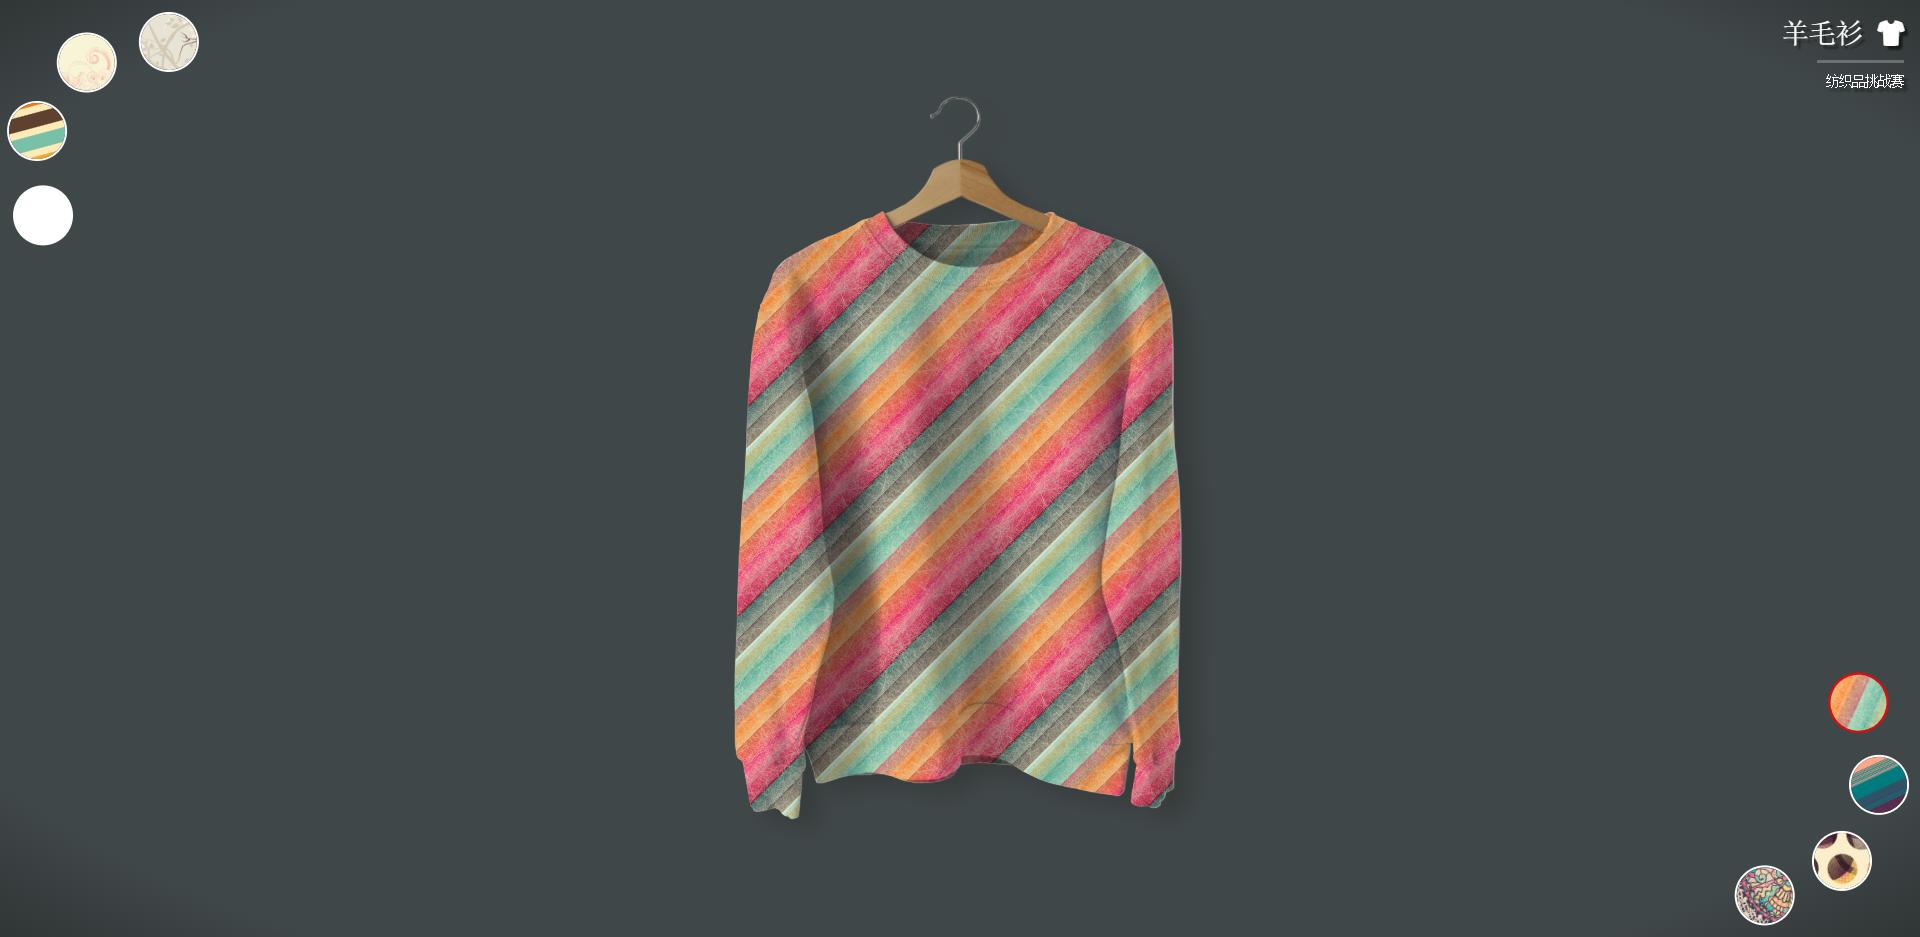 衣服图案换装切换交互特效